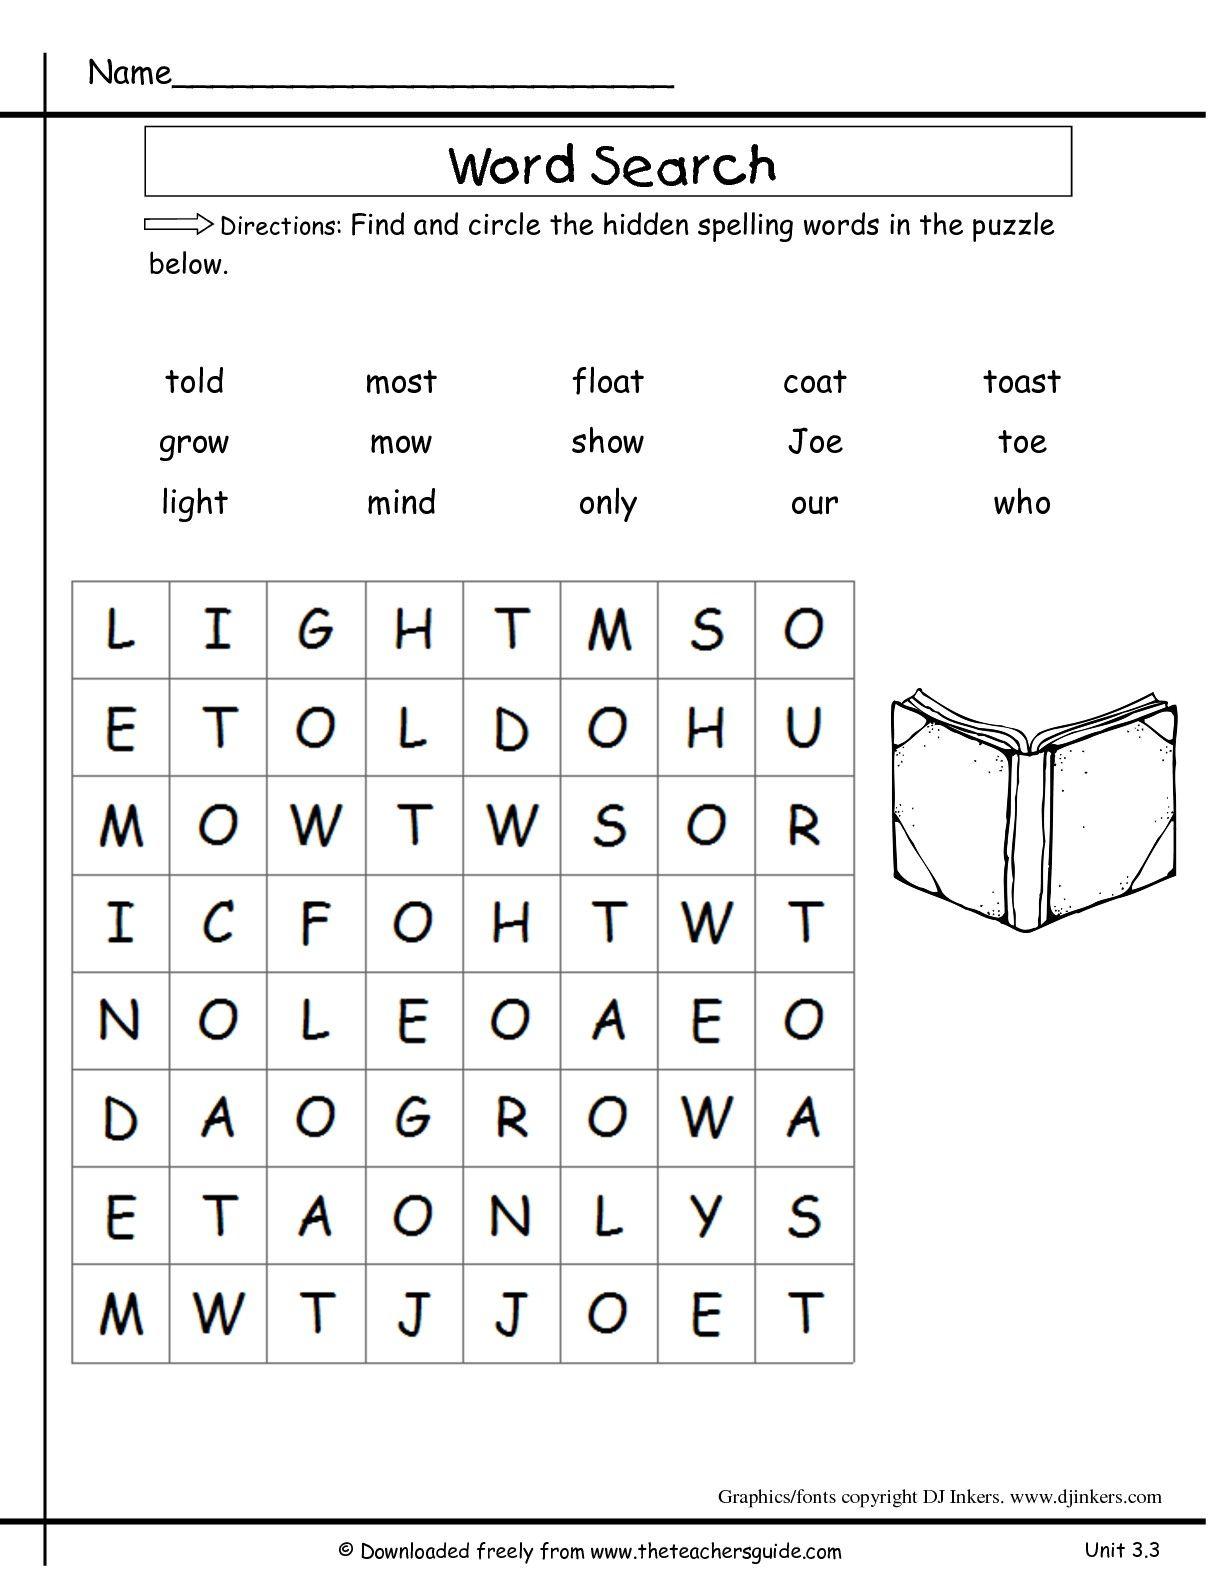 small resolution of unitthreeweekthreespellingsearchttg-001-001.jpg (1224×1584)   Grade spelling